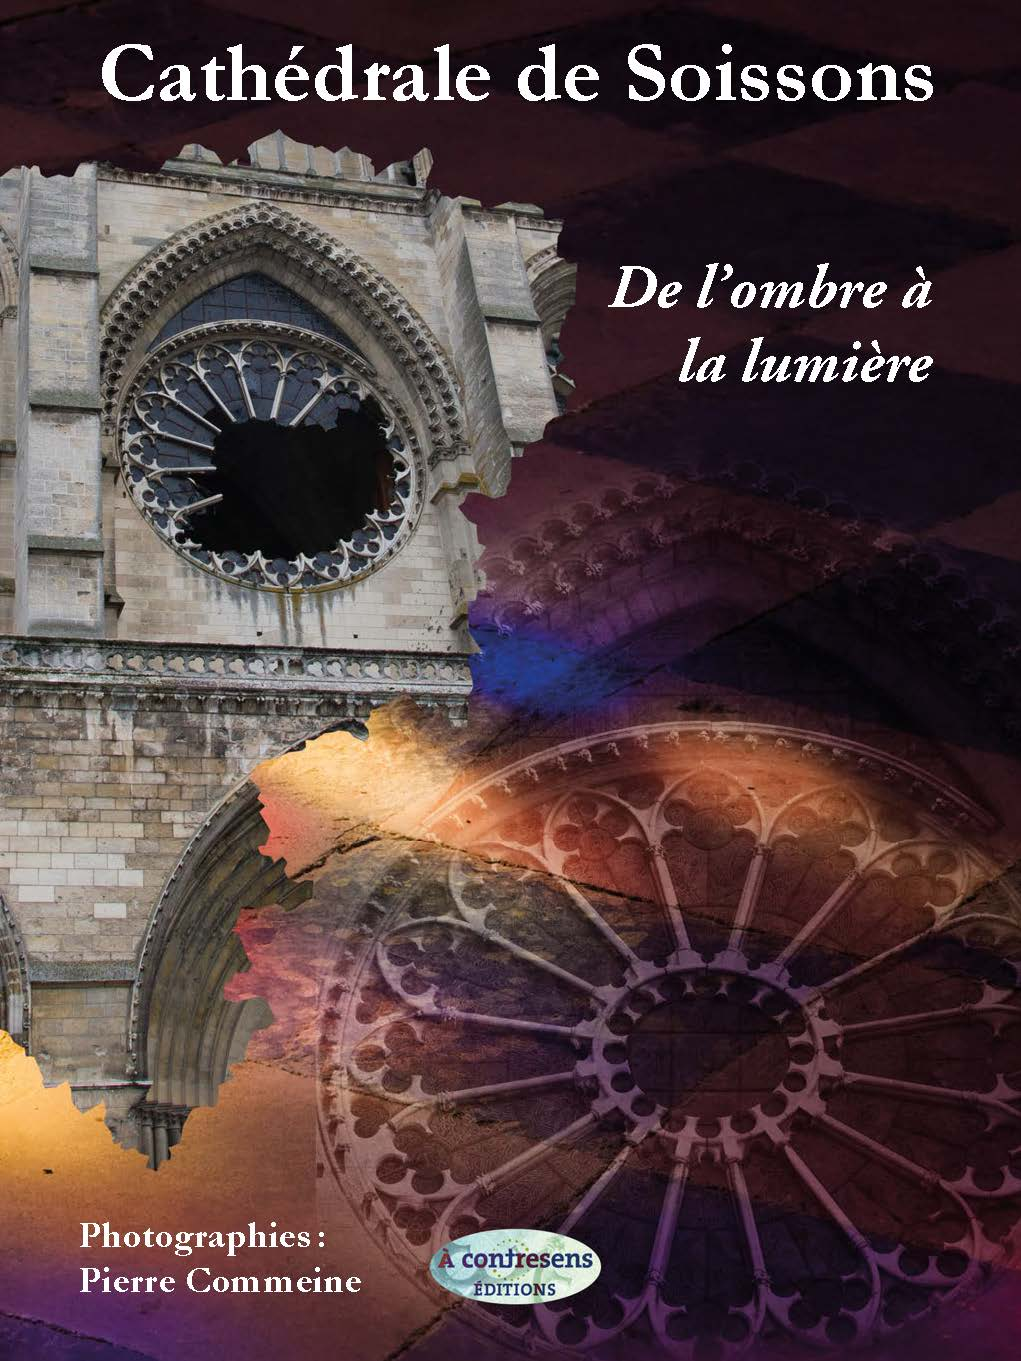 visuel Cathédrale de l'ombre à la lumière